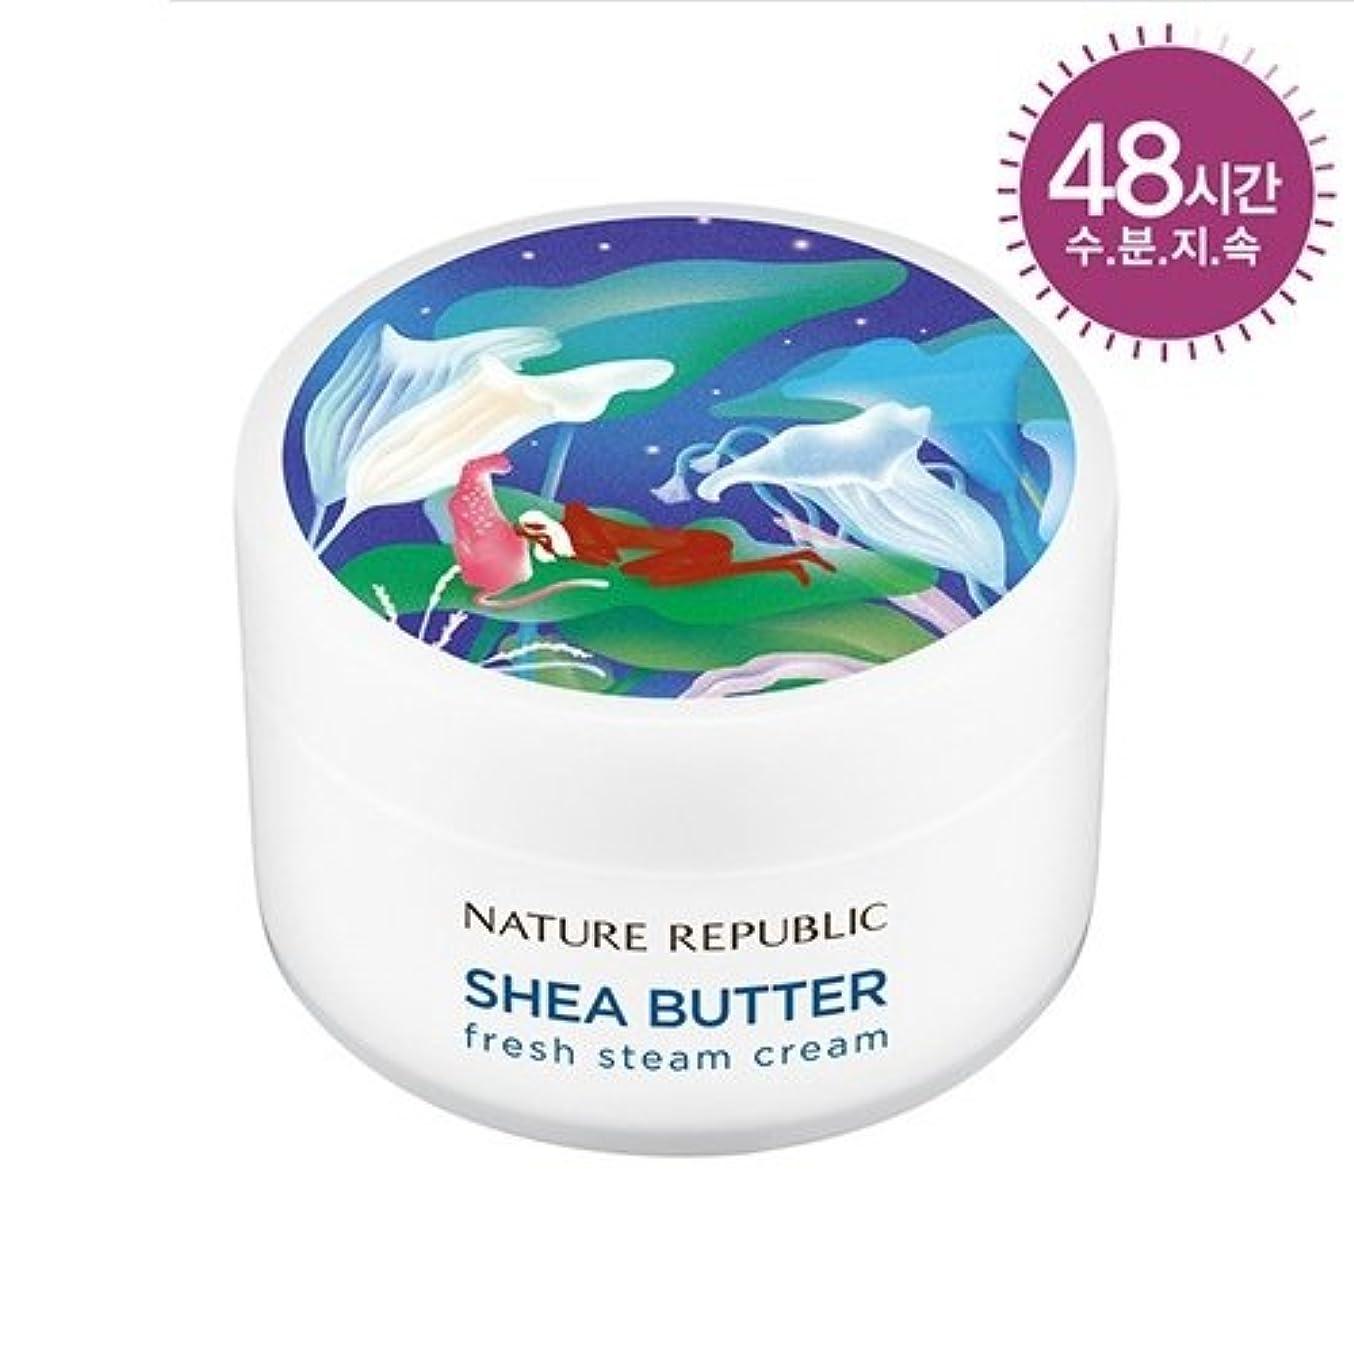 モードリンふけるジョージスティーブンソンNATURE REPUBLIC(ネイチャーリパブリック) SHEA BUTTER STEAM CREAM シアバター スチーム クリーム #フレッシュスオイリー肌